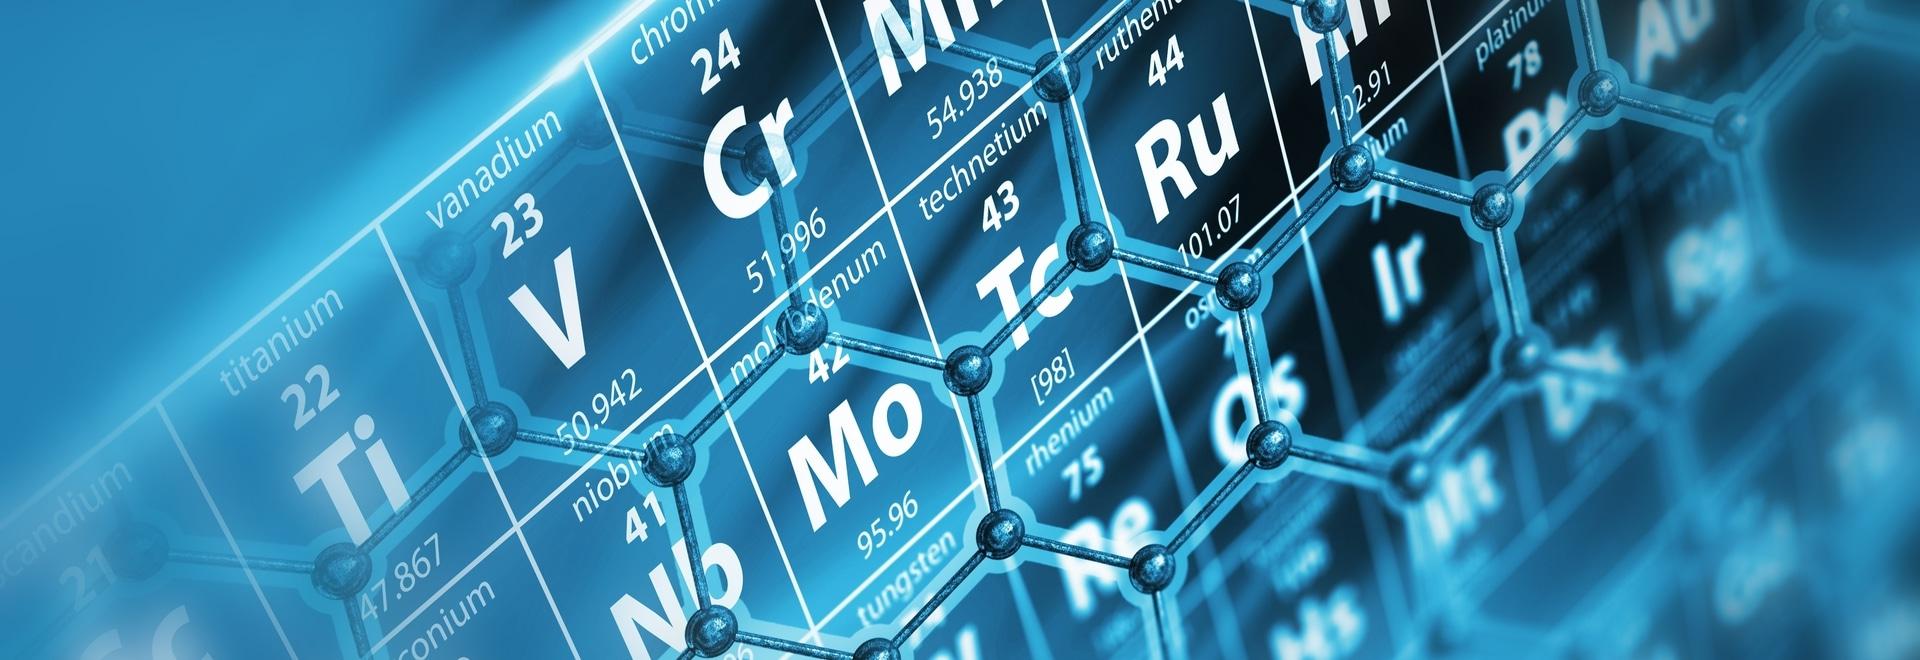 Focus su Pharma - Analisi degli elementi: Semplificare il flusso di lavoro